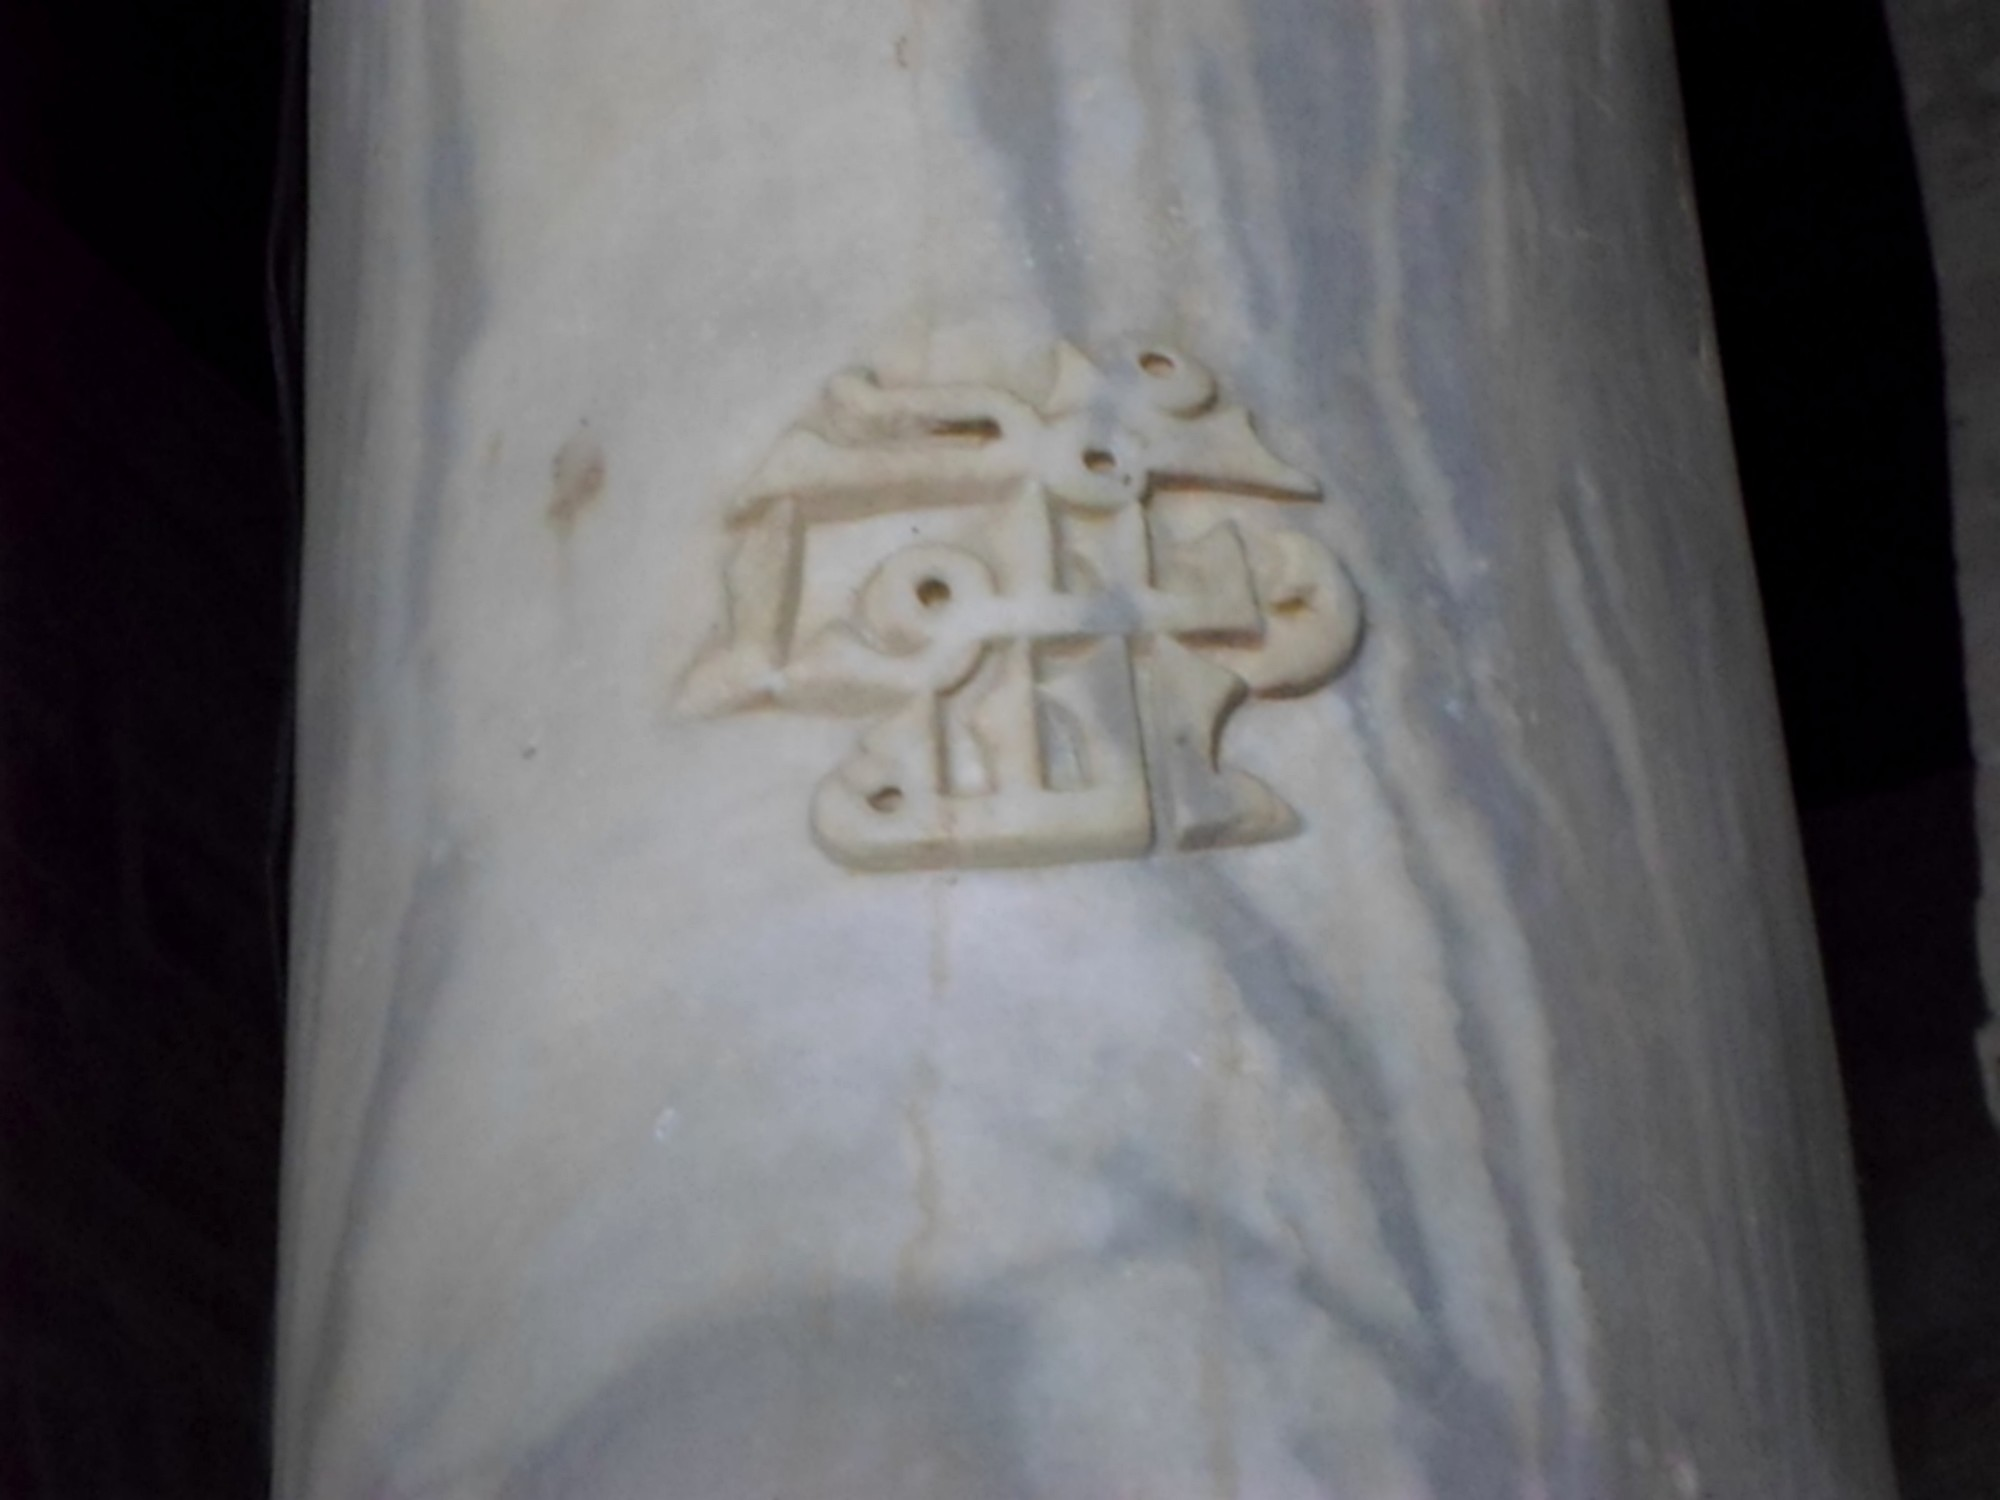 File:Détail (inscription) d'un fût de colonne, Grande Mosquée de Kairouan.jpg